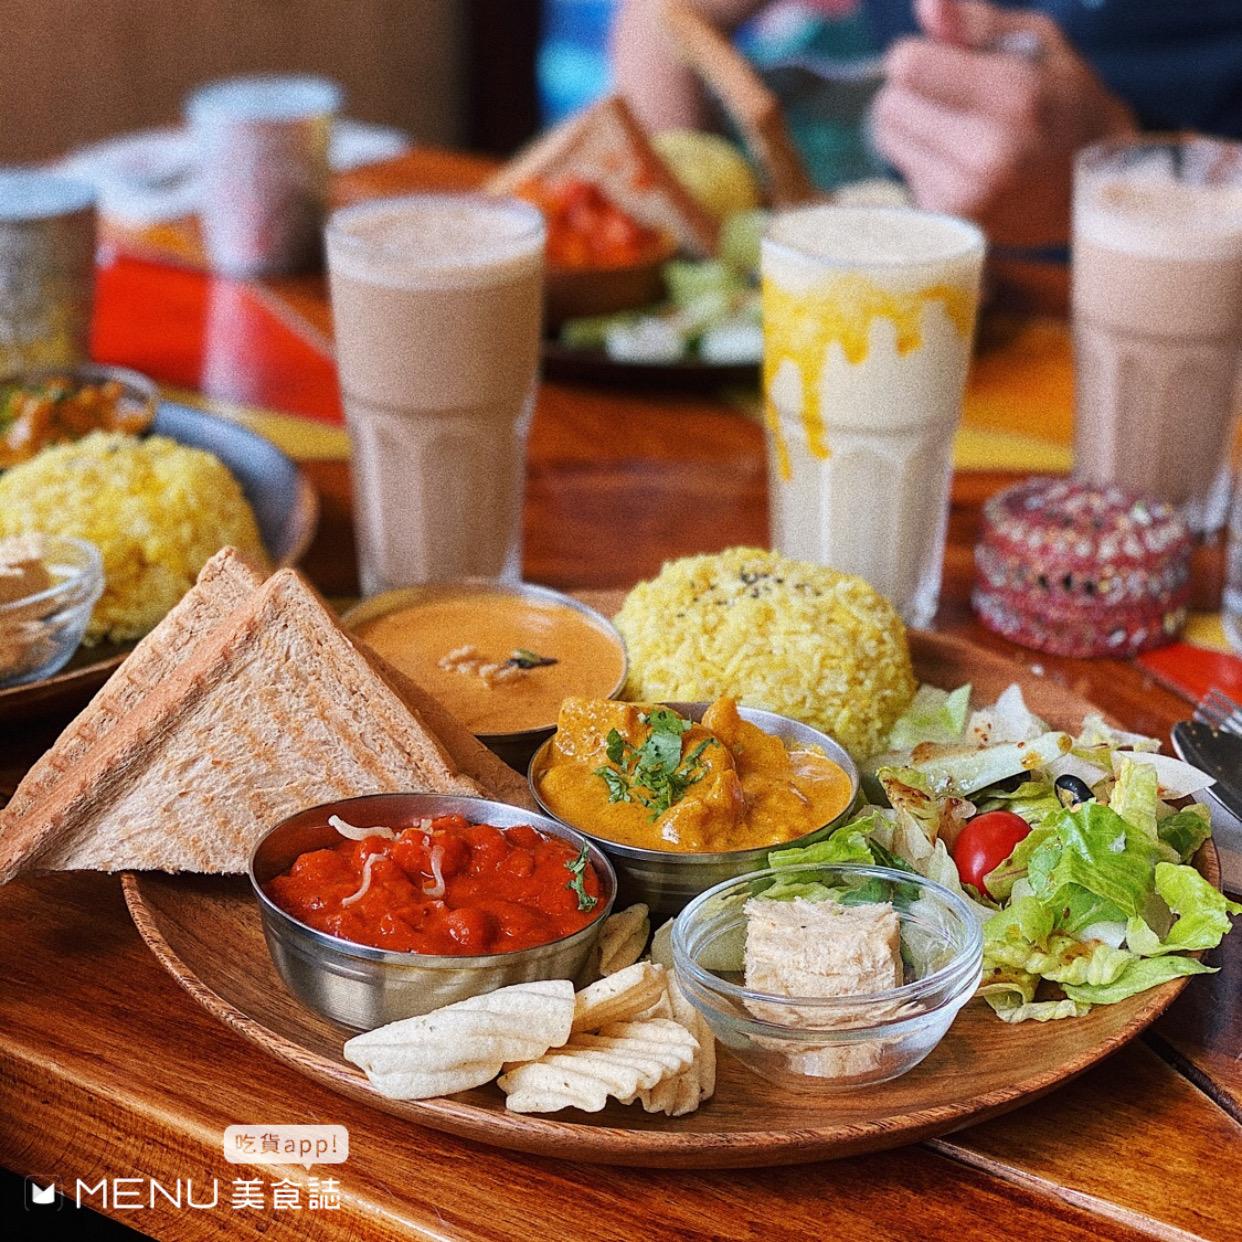 什麼?!這些全部都是素食!全台蔬食餐廳TOP10,連肉食主義者都心動啦!